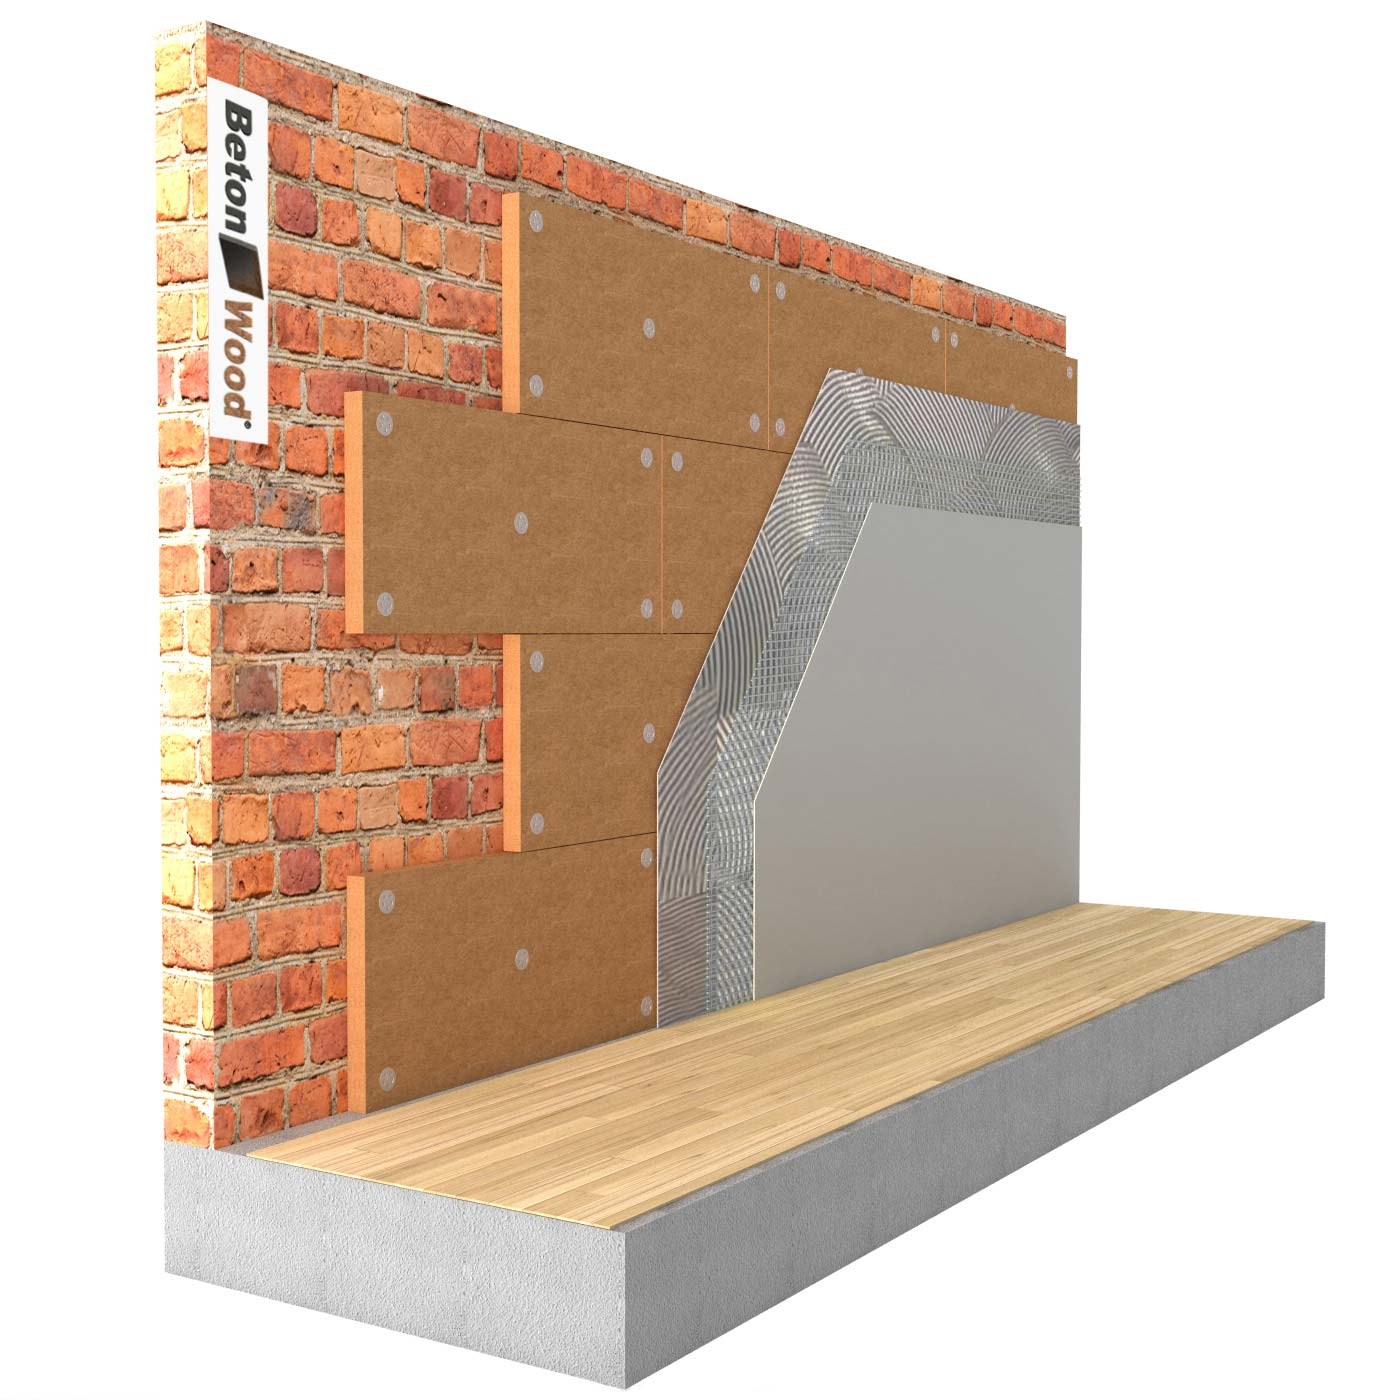 Fibra di legno prezzi per cappotto termico interno - Isolamento acustico interno ...